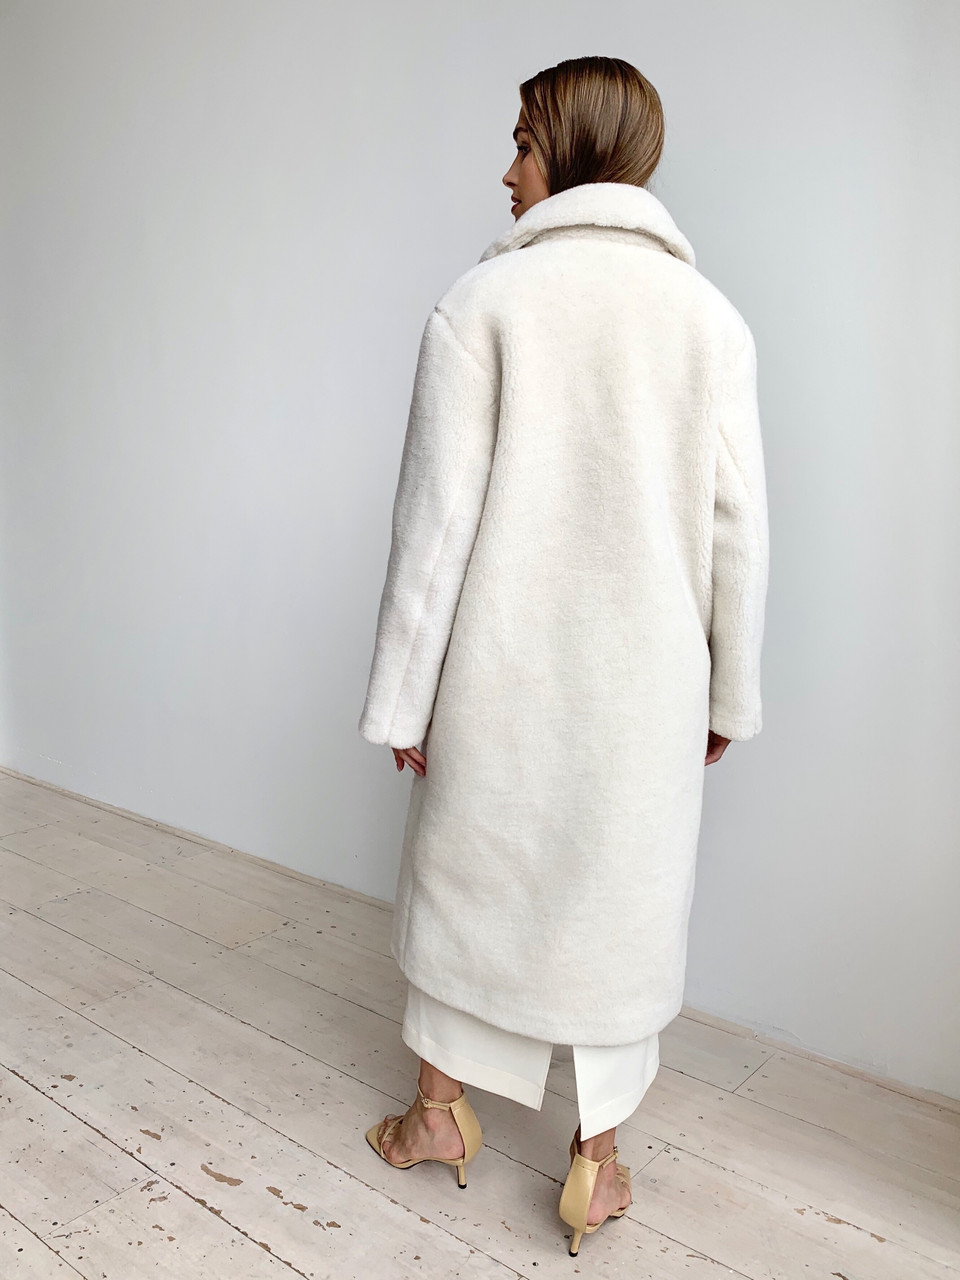 Шуба из натуральной стриженой овечьей шерсти длина 110 см, прорезные карманы, молочный цвет - фото 3